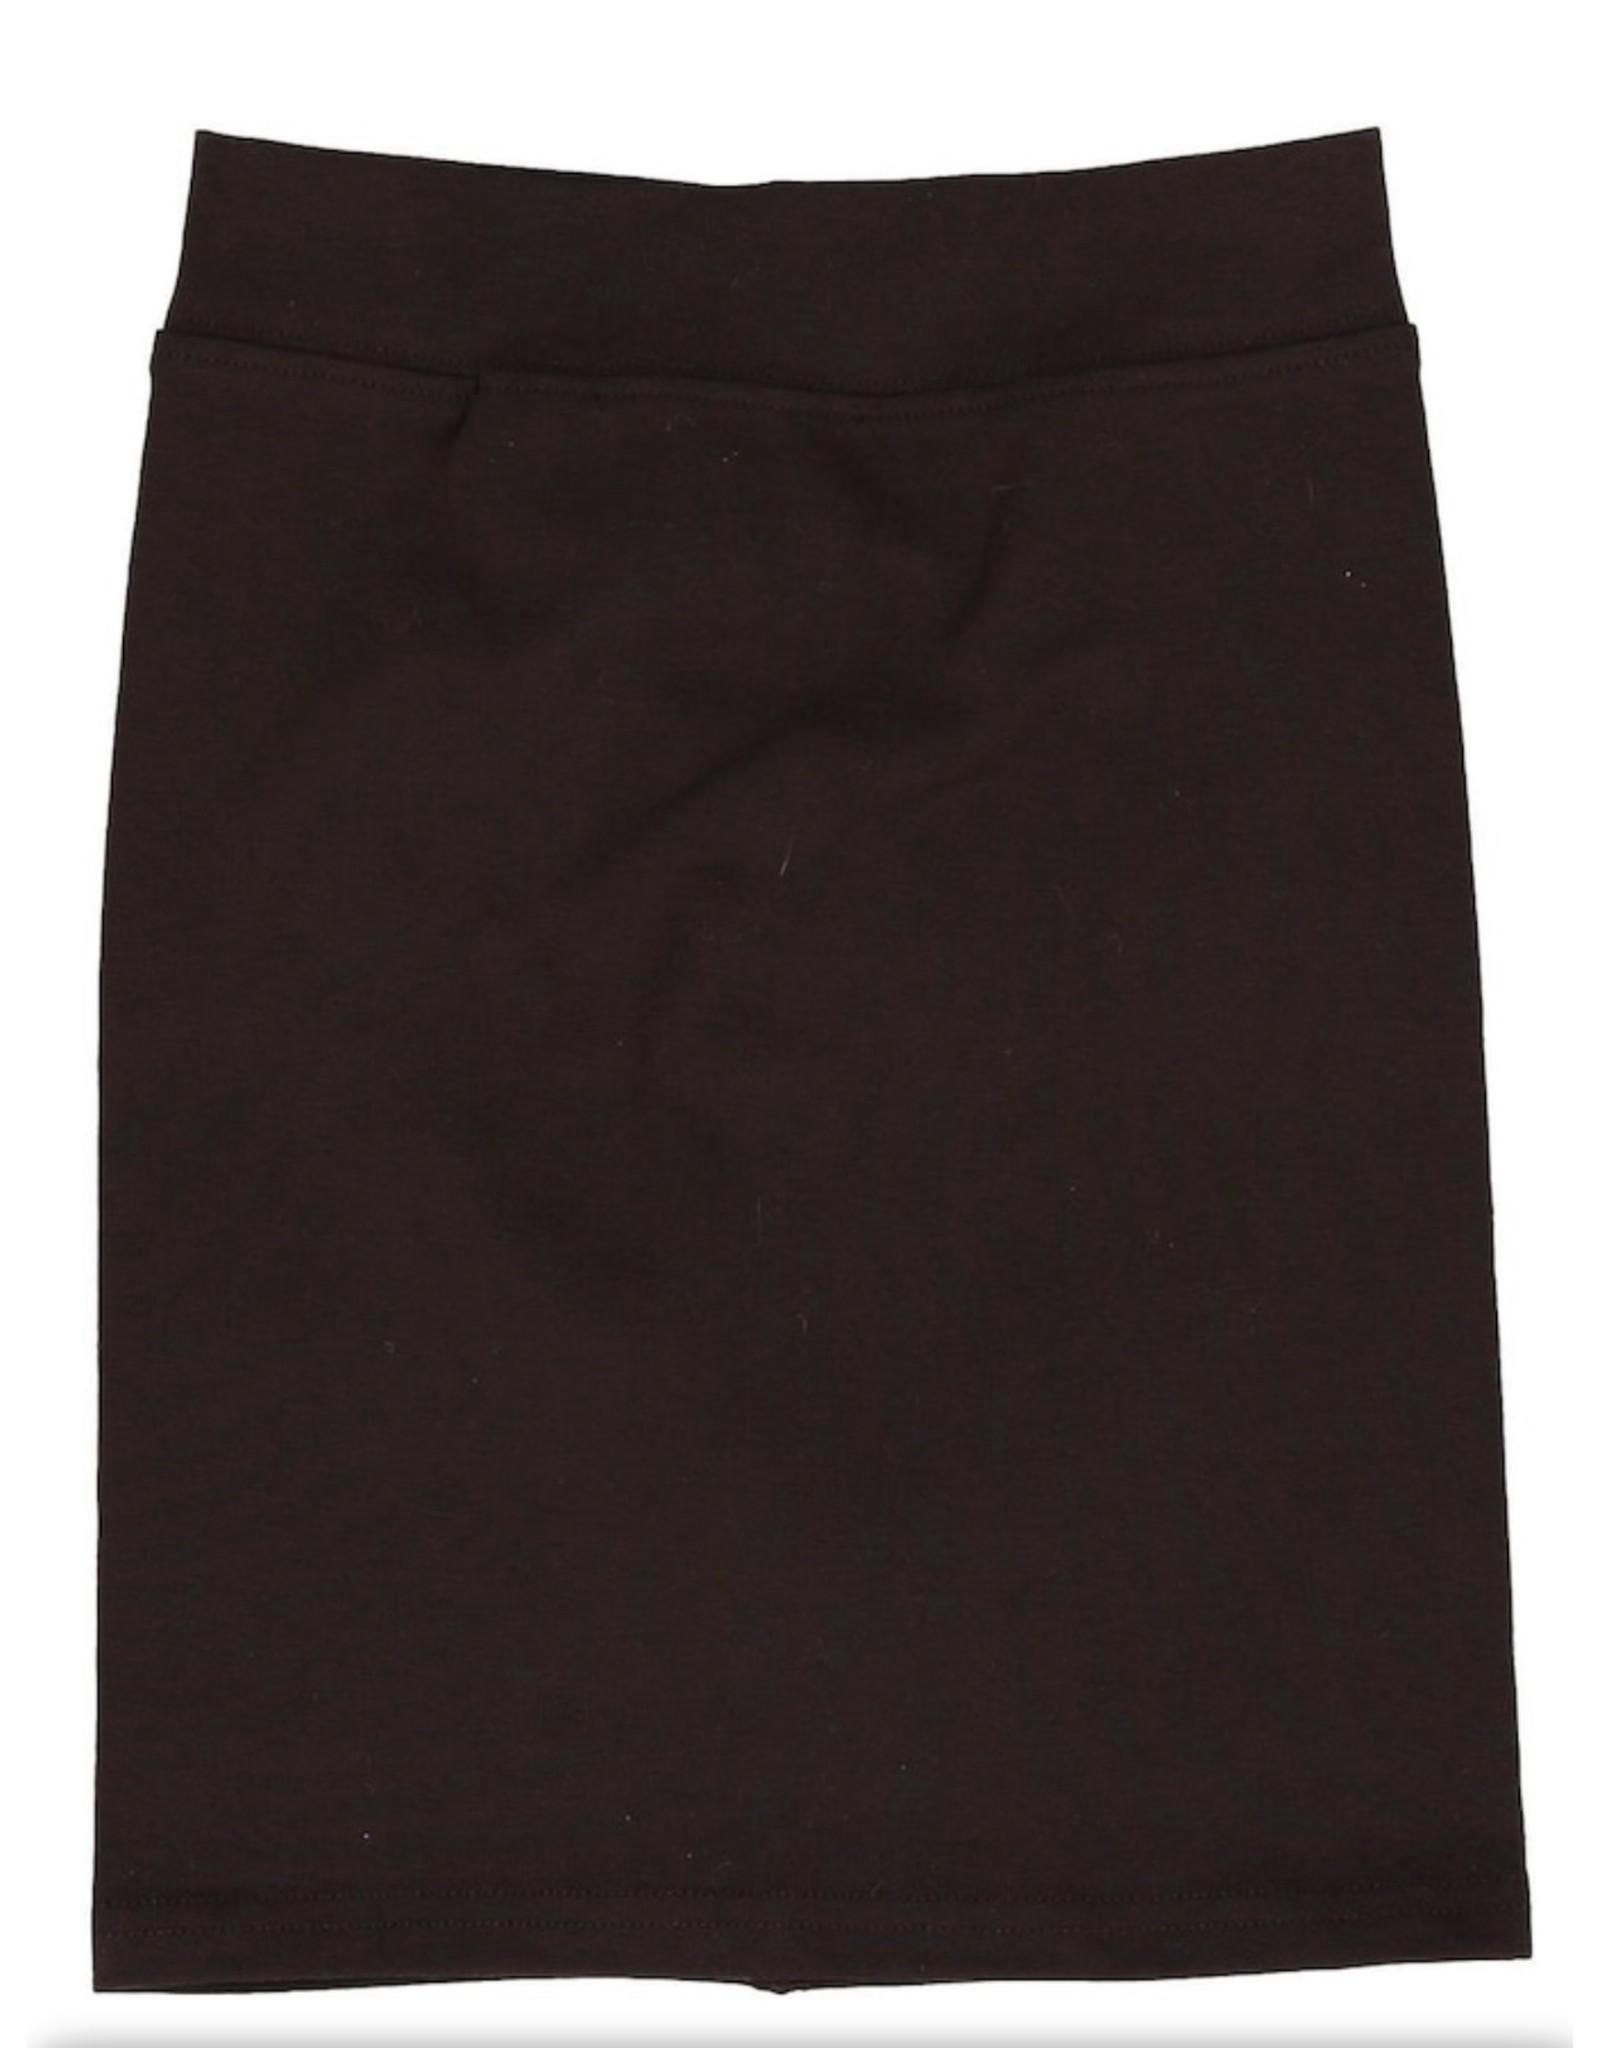 Kiki Riki Girls Kiki Riki Pencil Skirts 4840